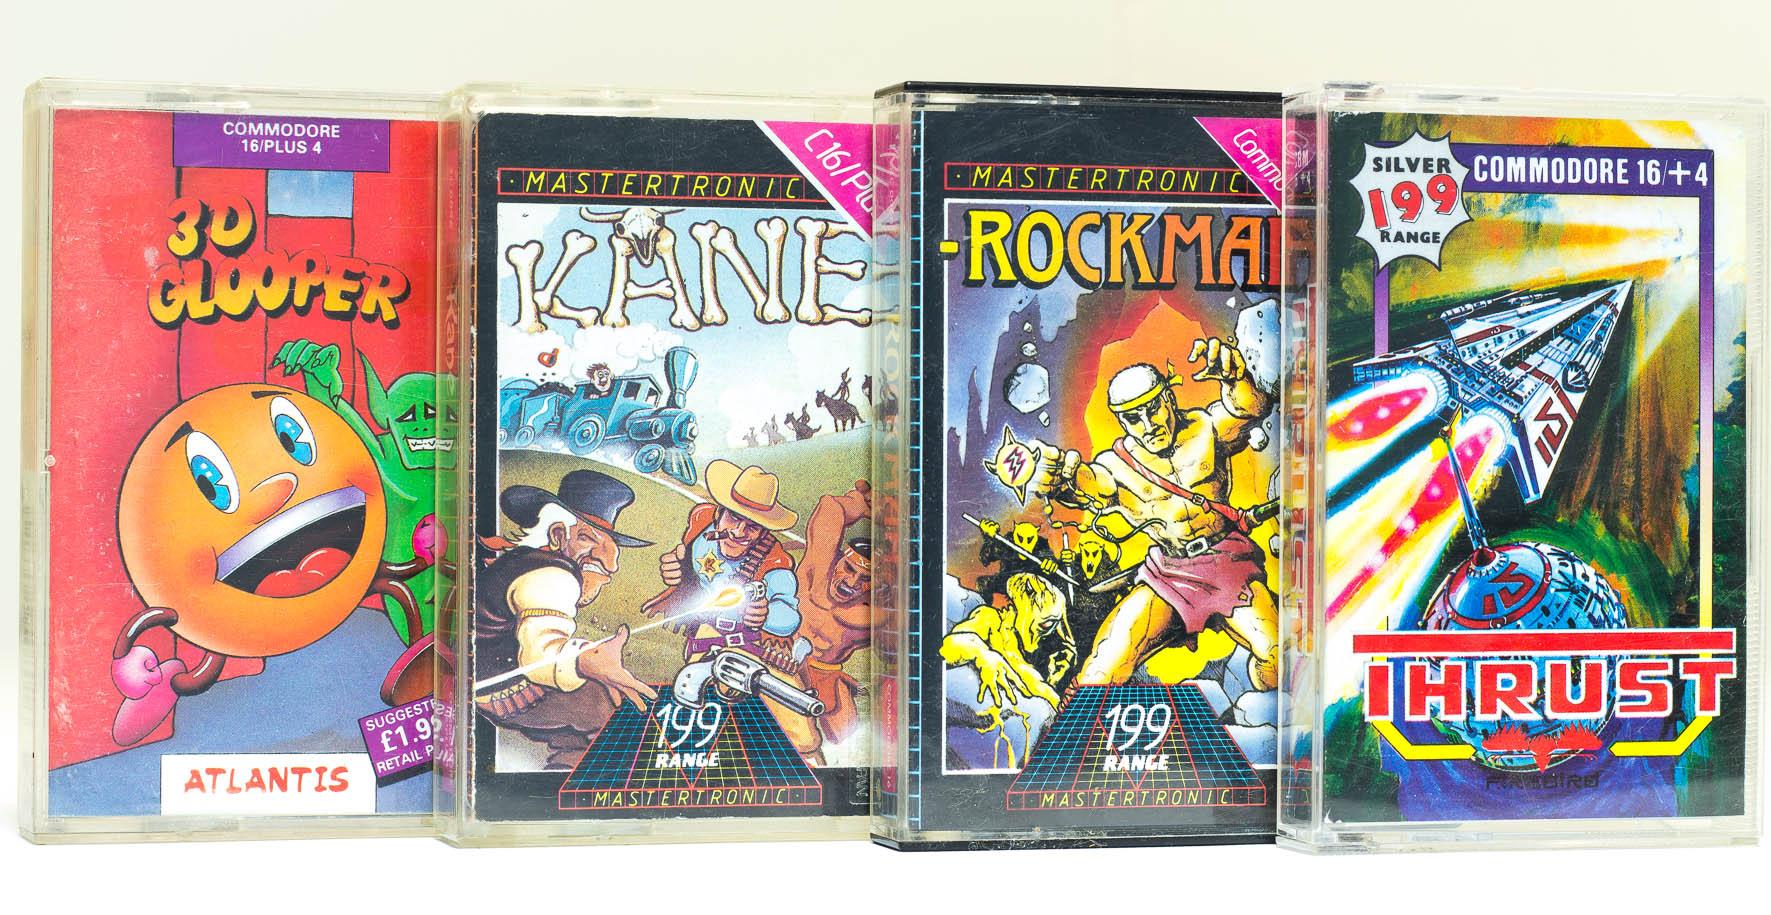 C16 Spielkassetten: 3D Glooper, Kane, Rockman und Thrust. (Bild: Claudio Lione)